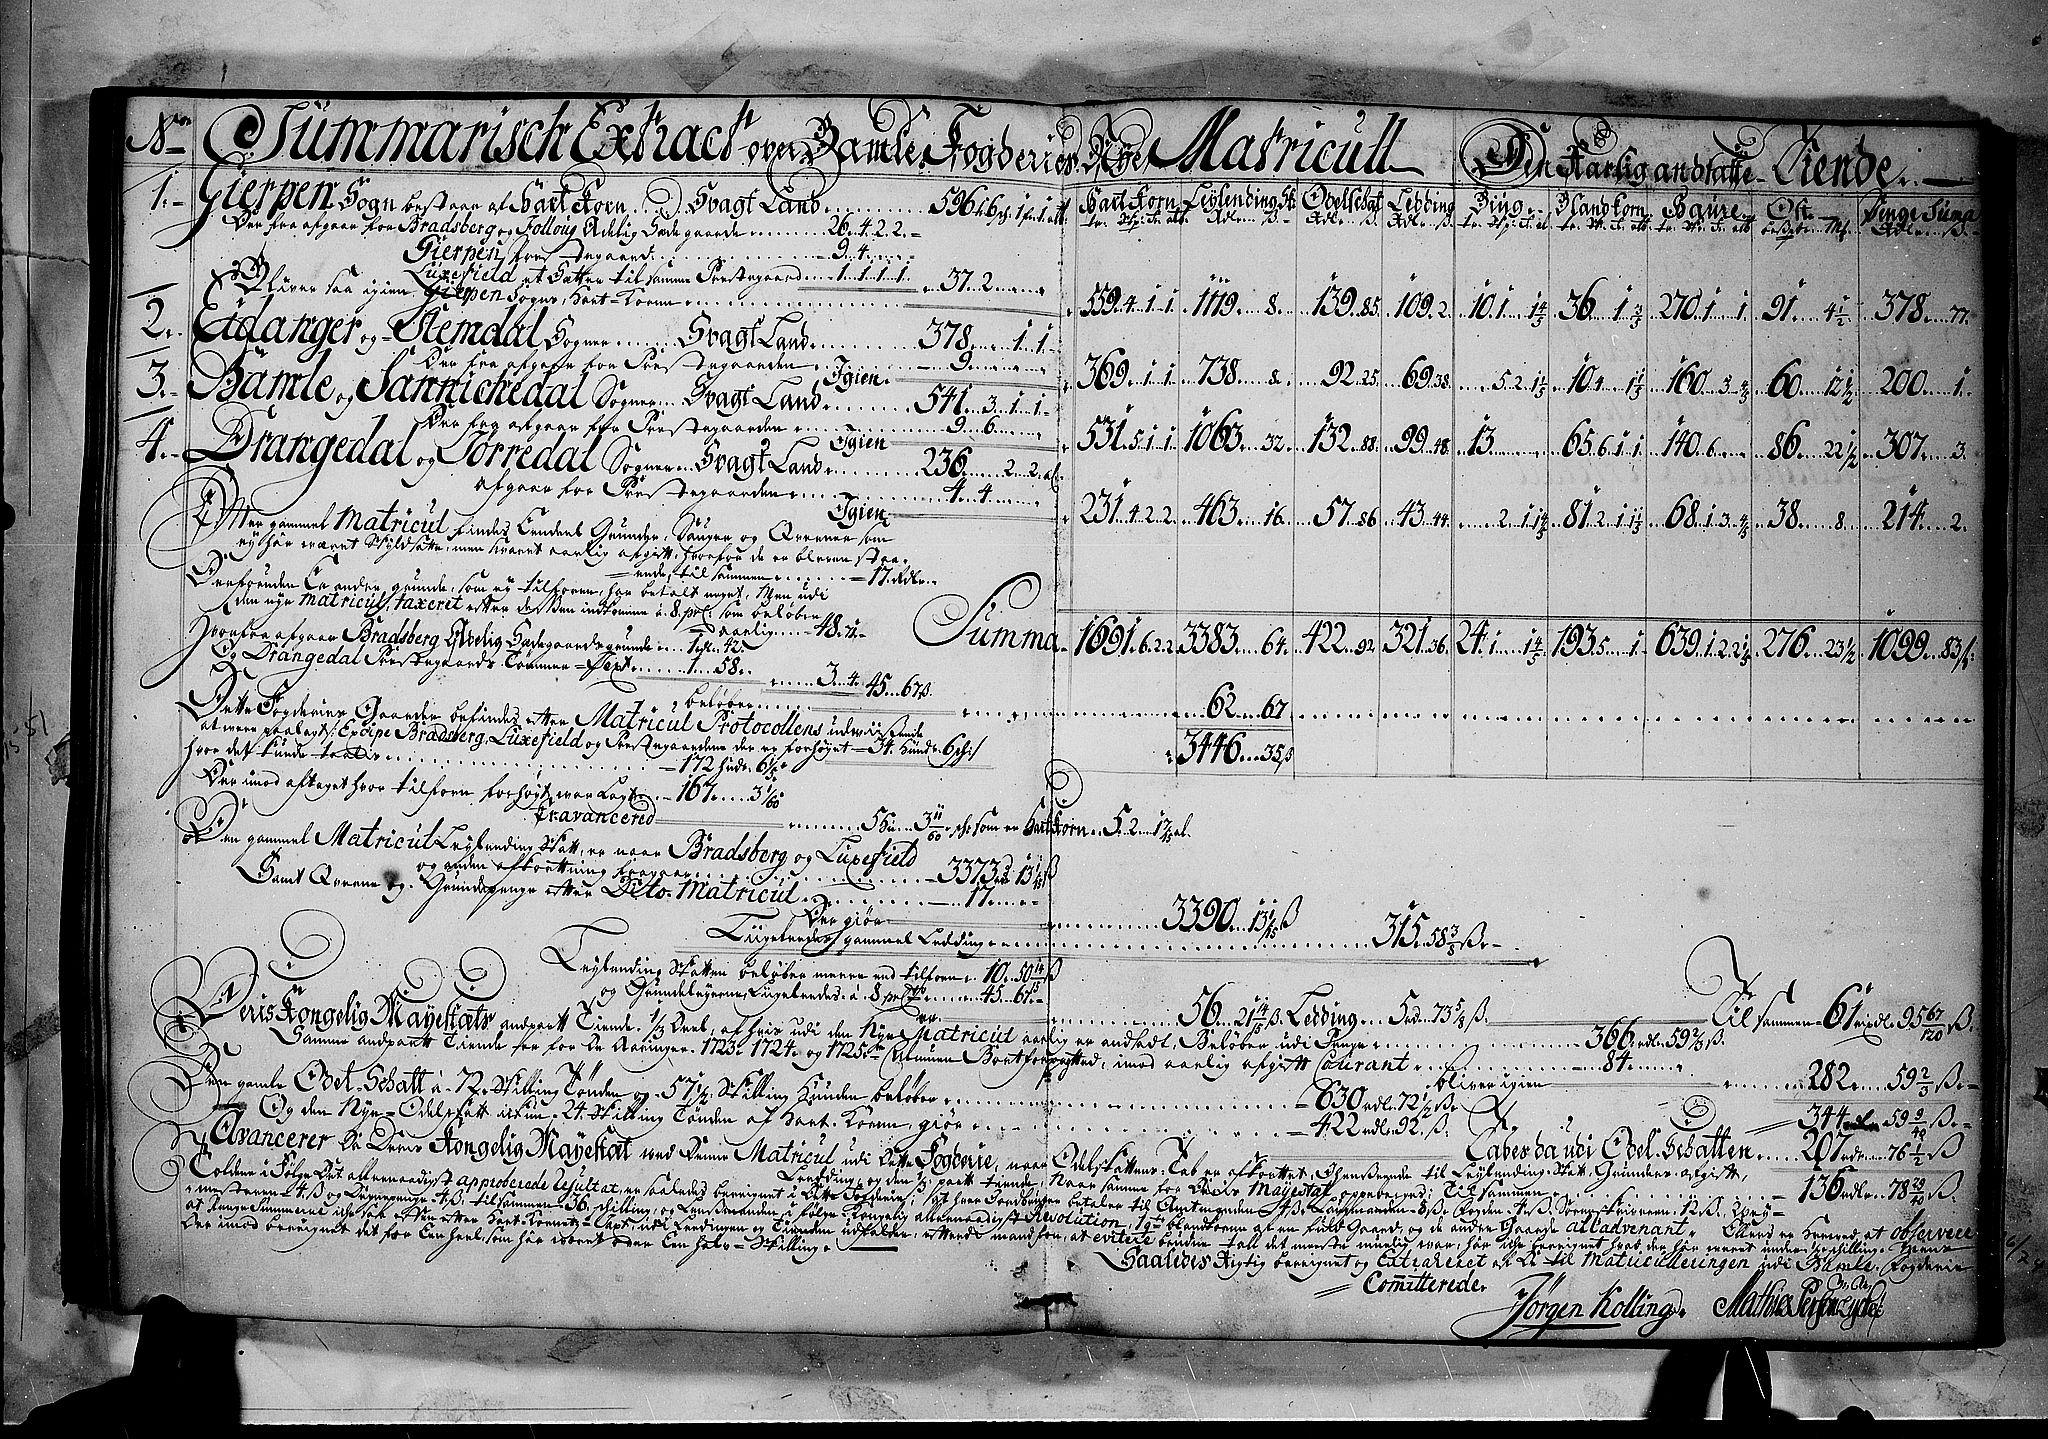 RA, Rentekammeret inntil 1814, Realistisk ordnet avdeling, N/Nb/Nbf/L0120: Bamble matrikkelprotokoll, 1723, s. upaginert